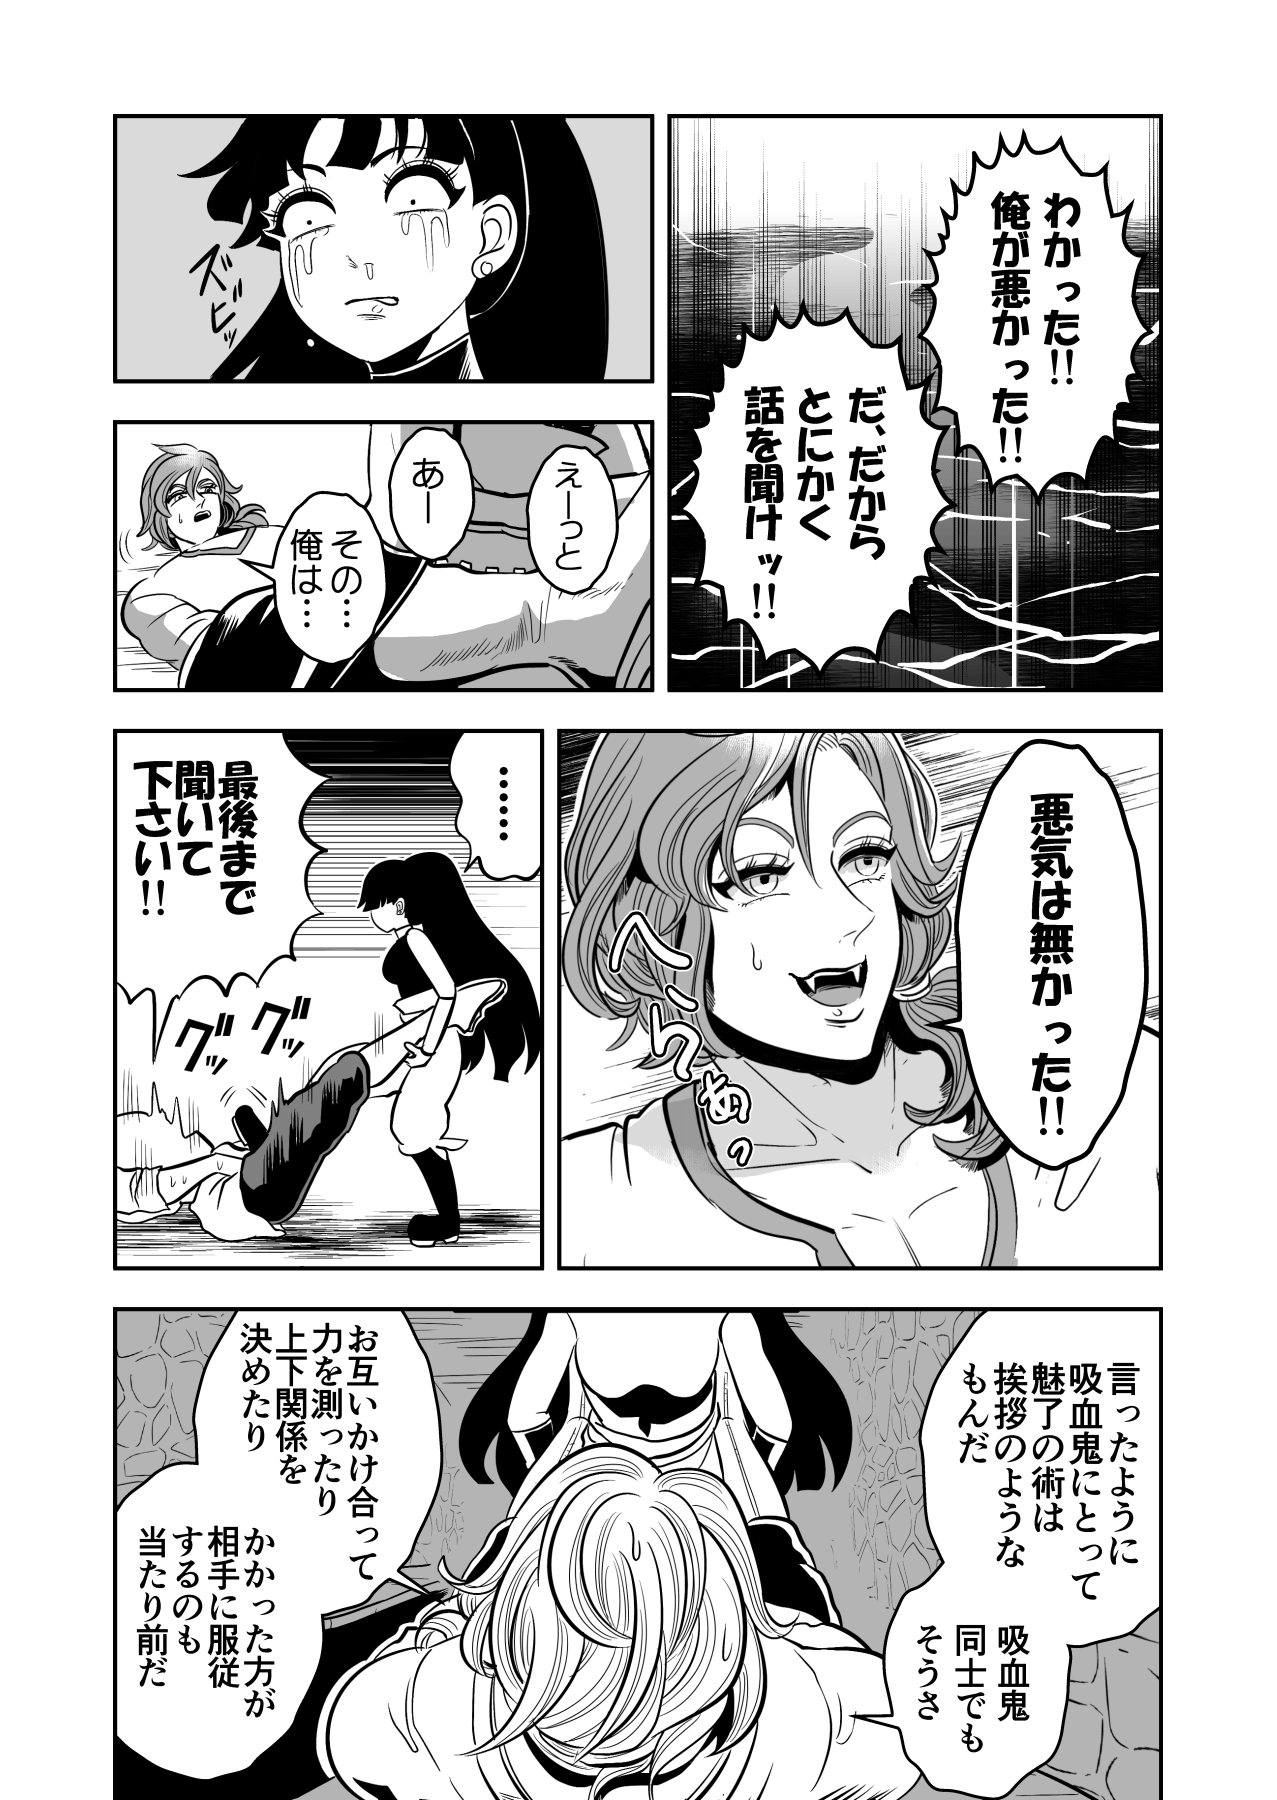 ヤサグレ魔女と第1王子と吸血鬼⑨ (10)-min